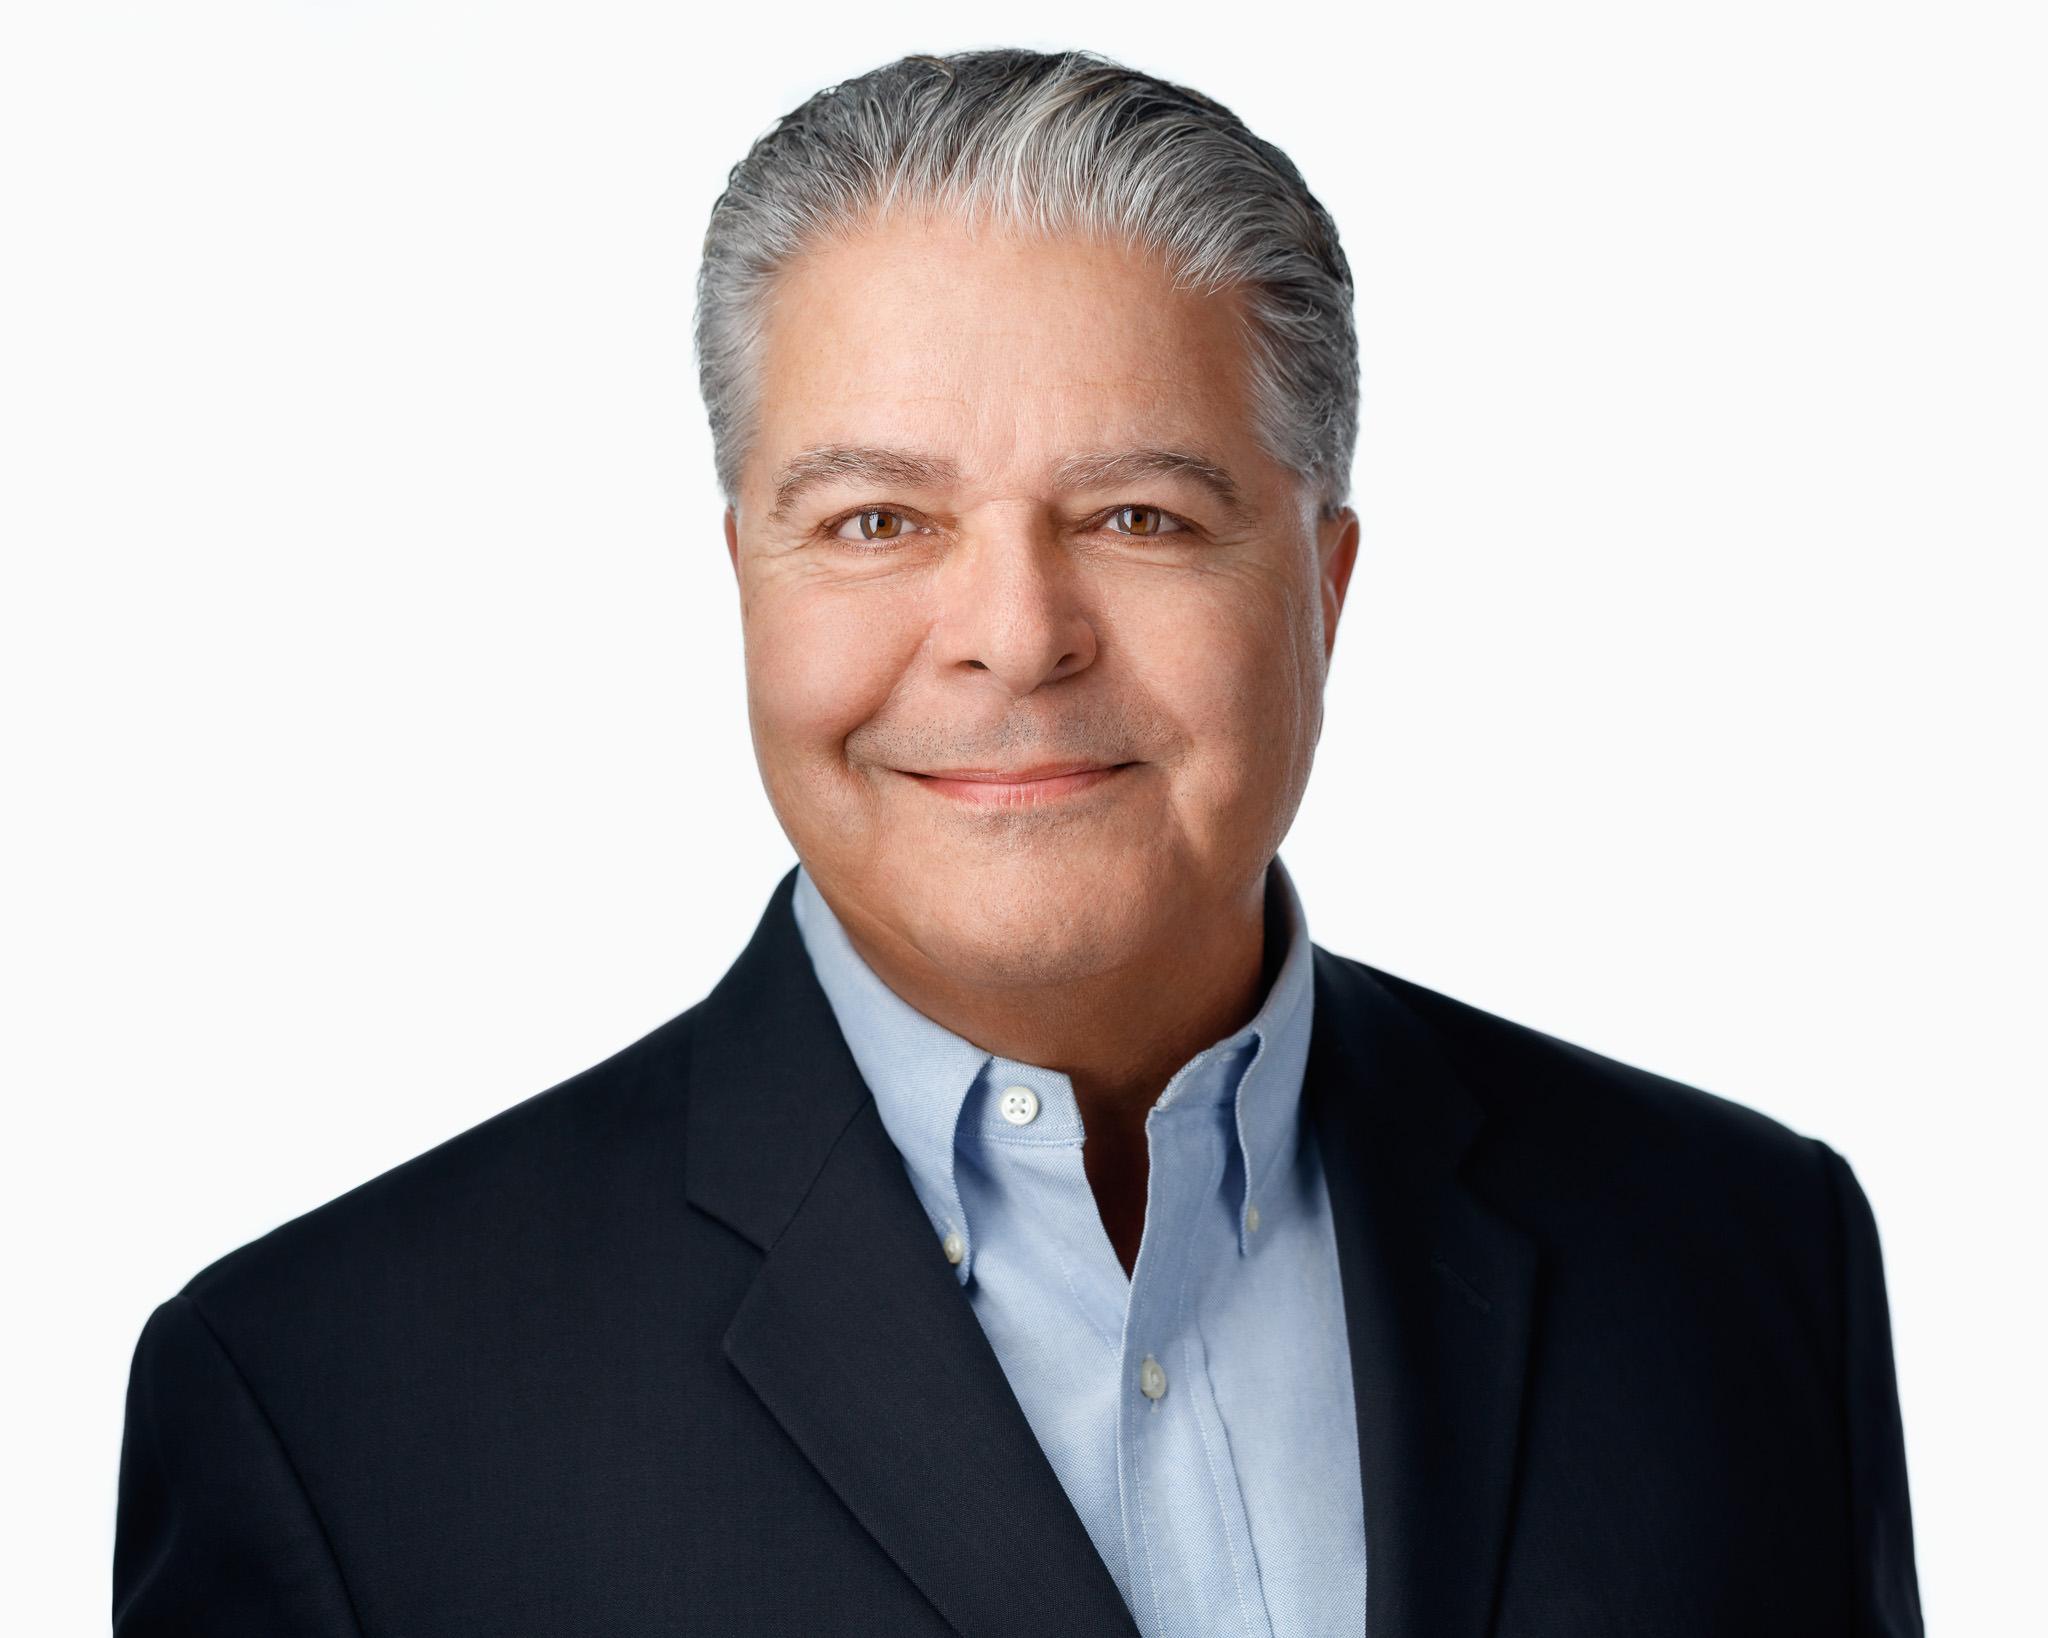 Gary DiGiorgio